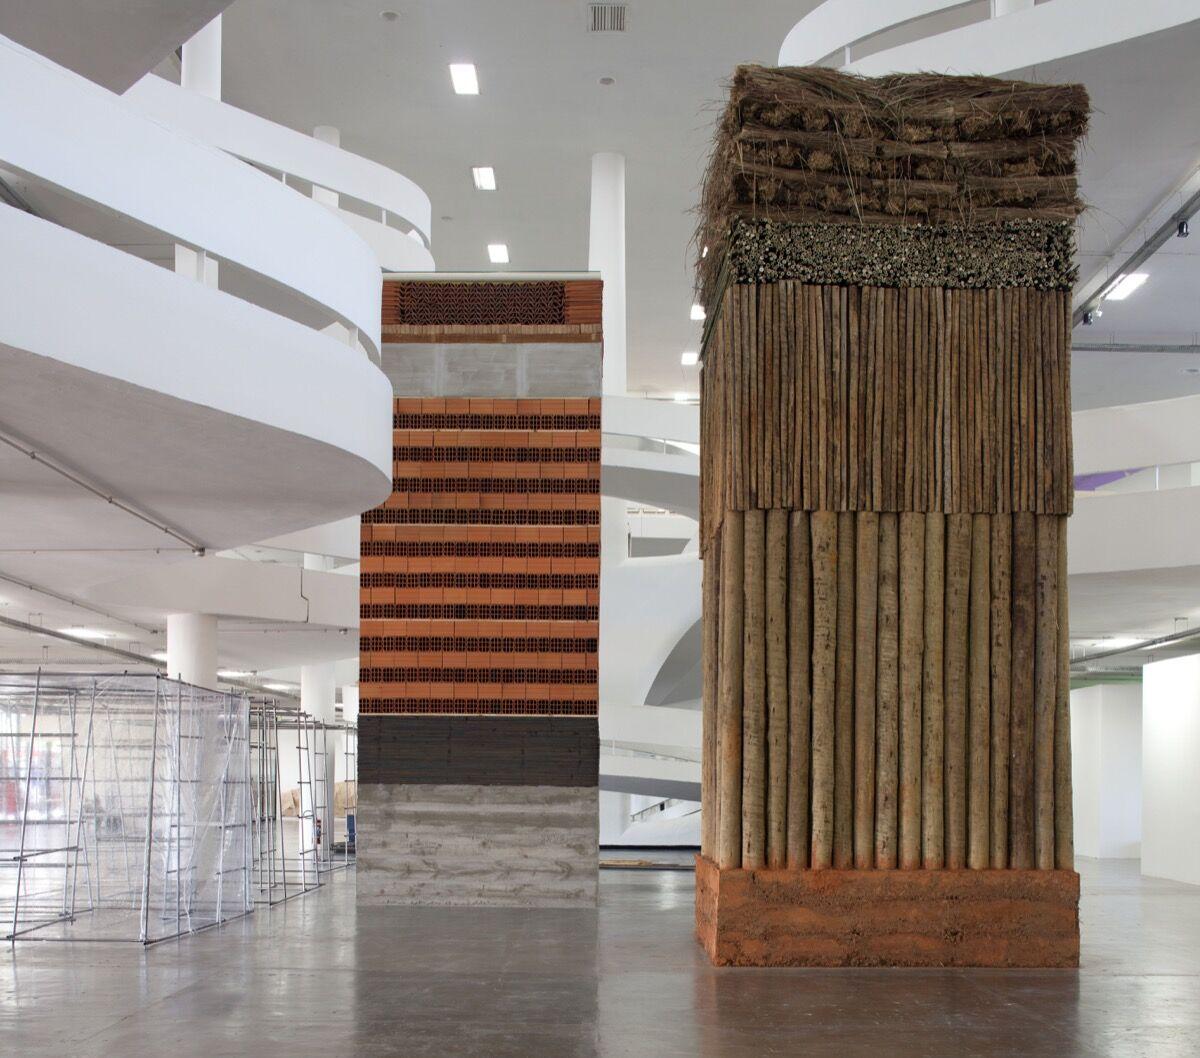 Installation view of Lais Myrrha, Doi pesos, duas medidas [Double Standard], 2016, at the 2016 Bienal de São Paulo. © Pedro Ivo Trasferetti /Fundação Bienal de São Paulo.